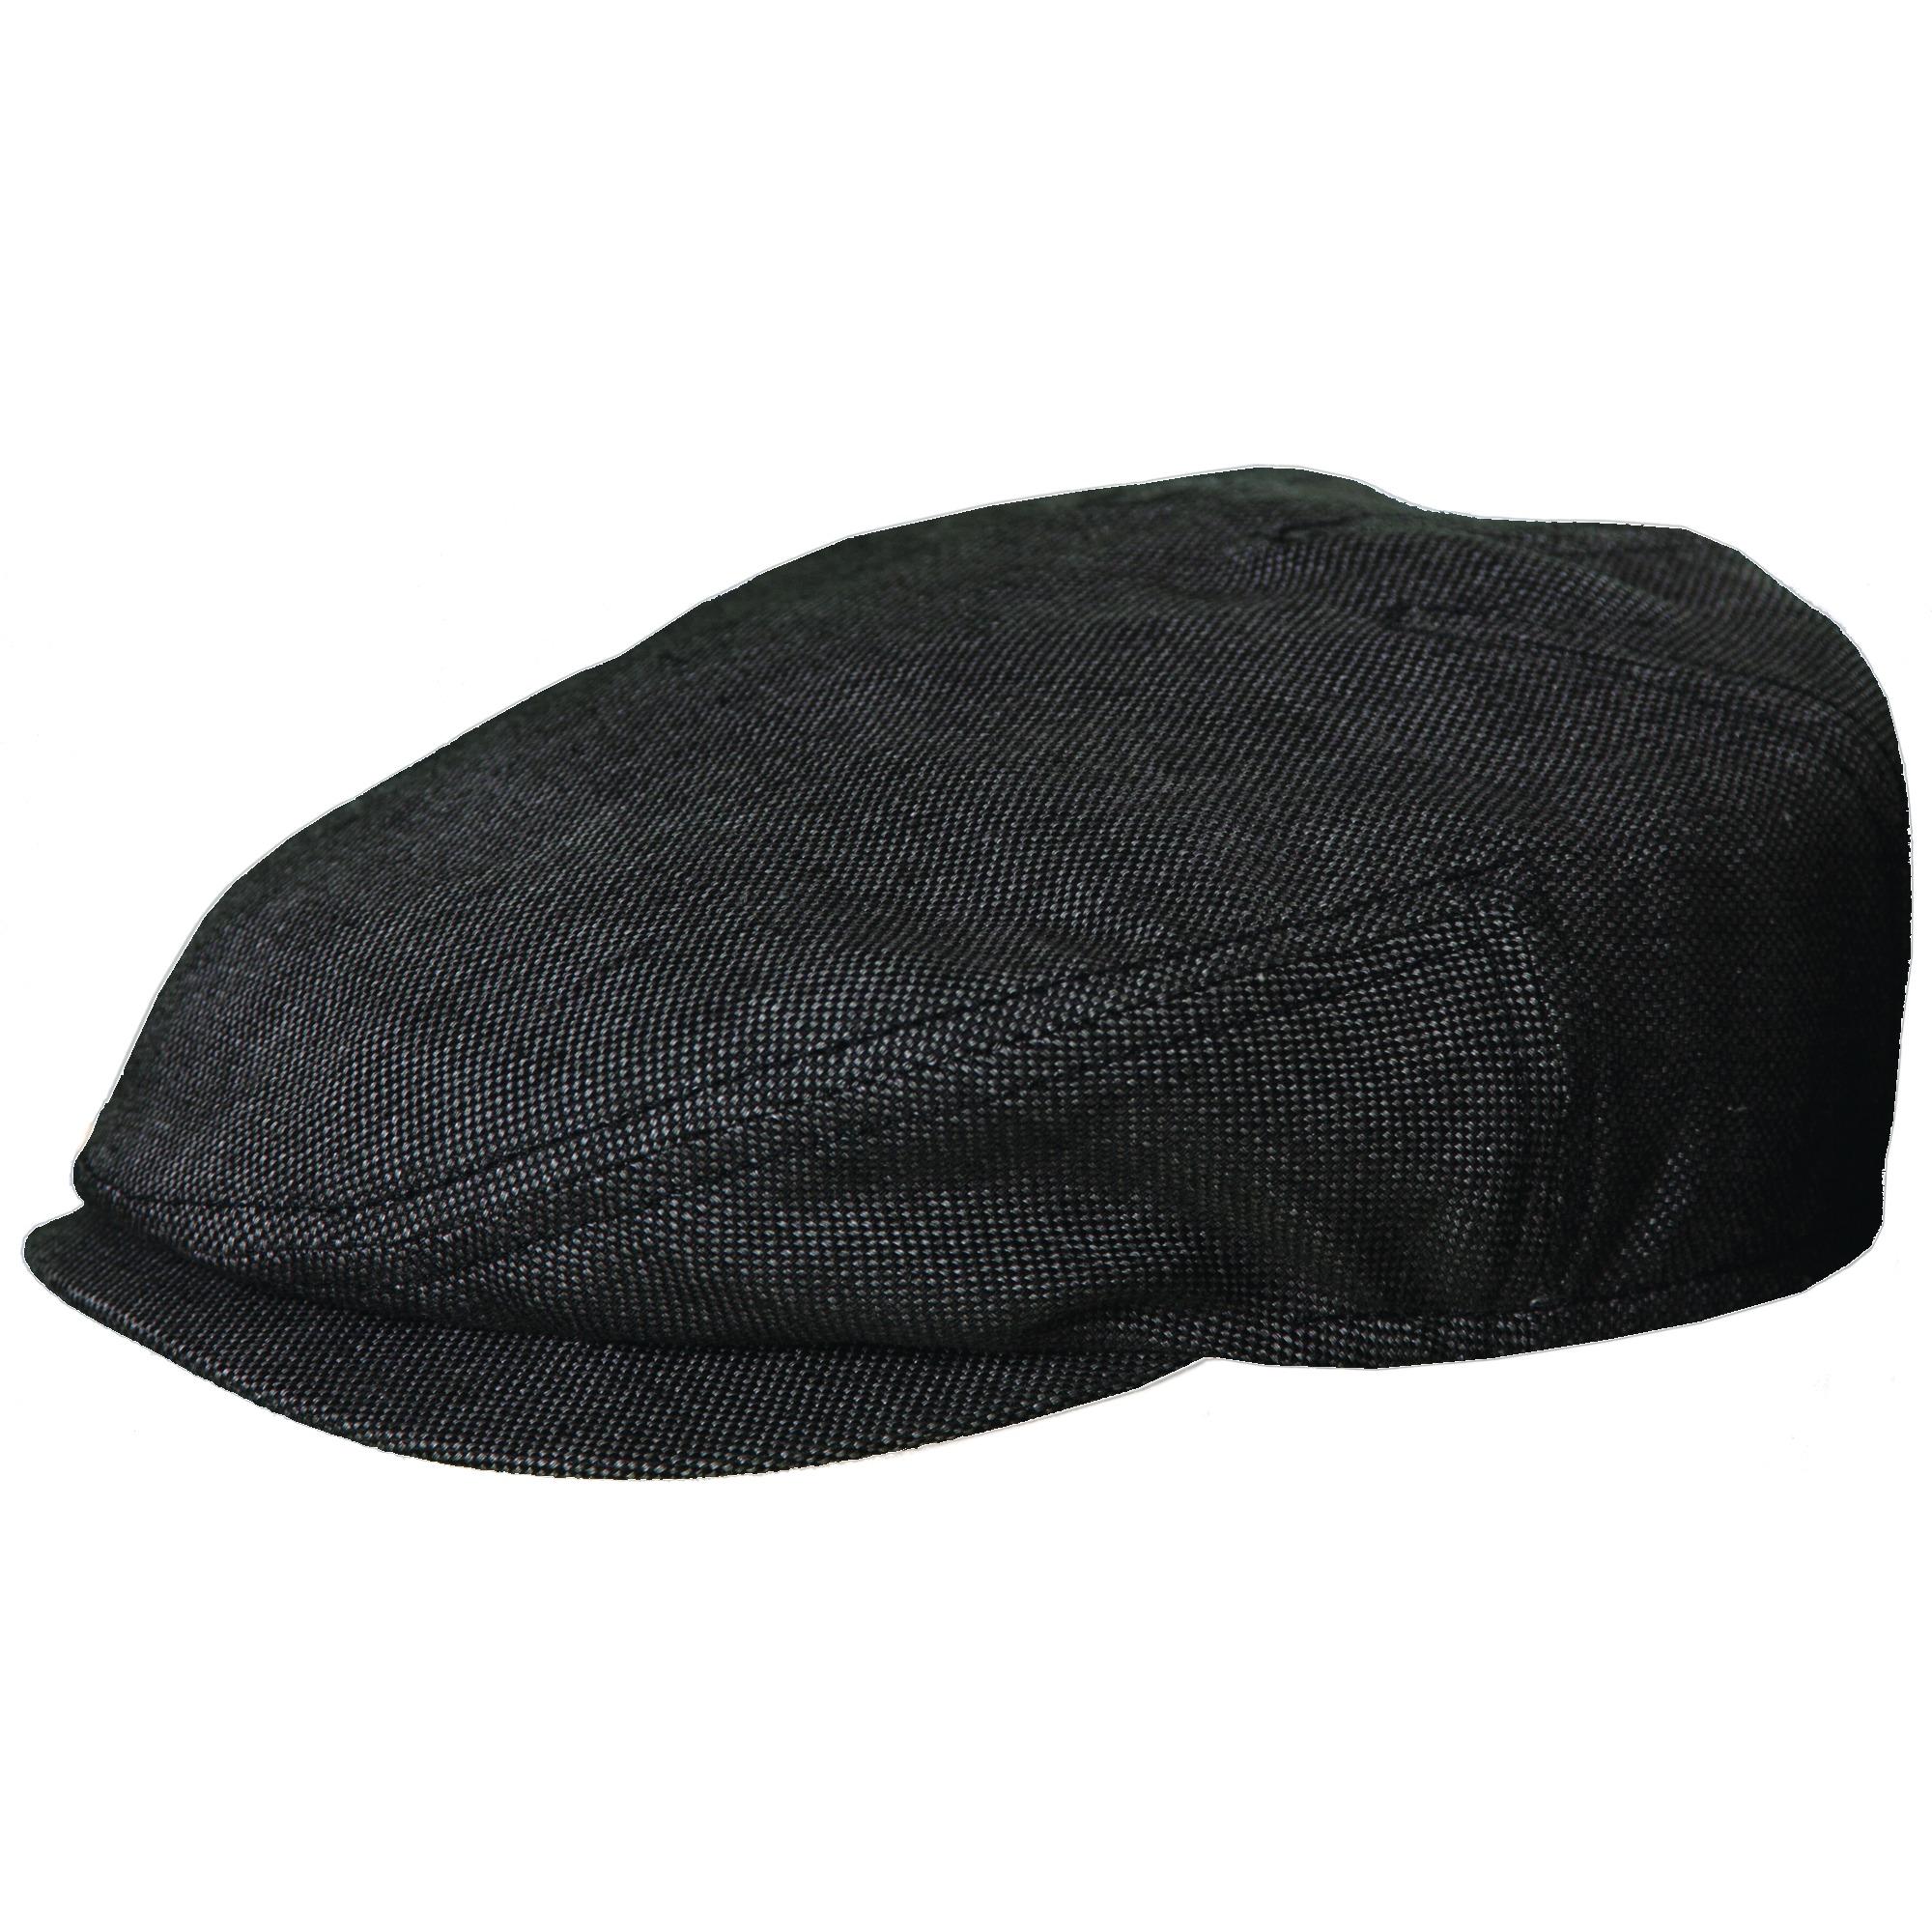 Stetson Size Xlarge Linen Lightweight Ivy Cap, Black